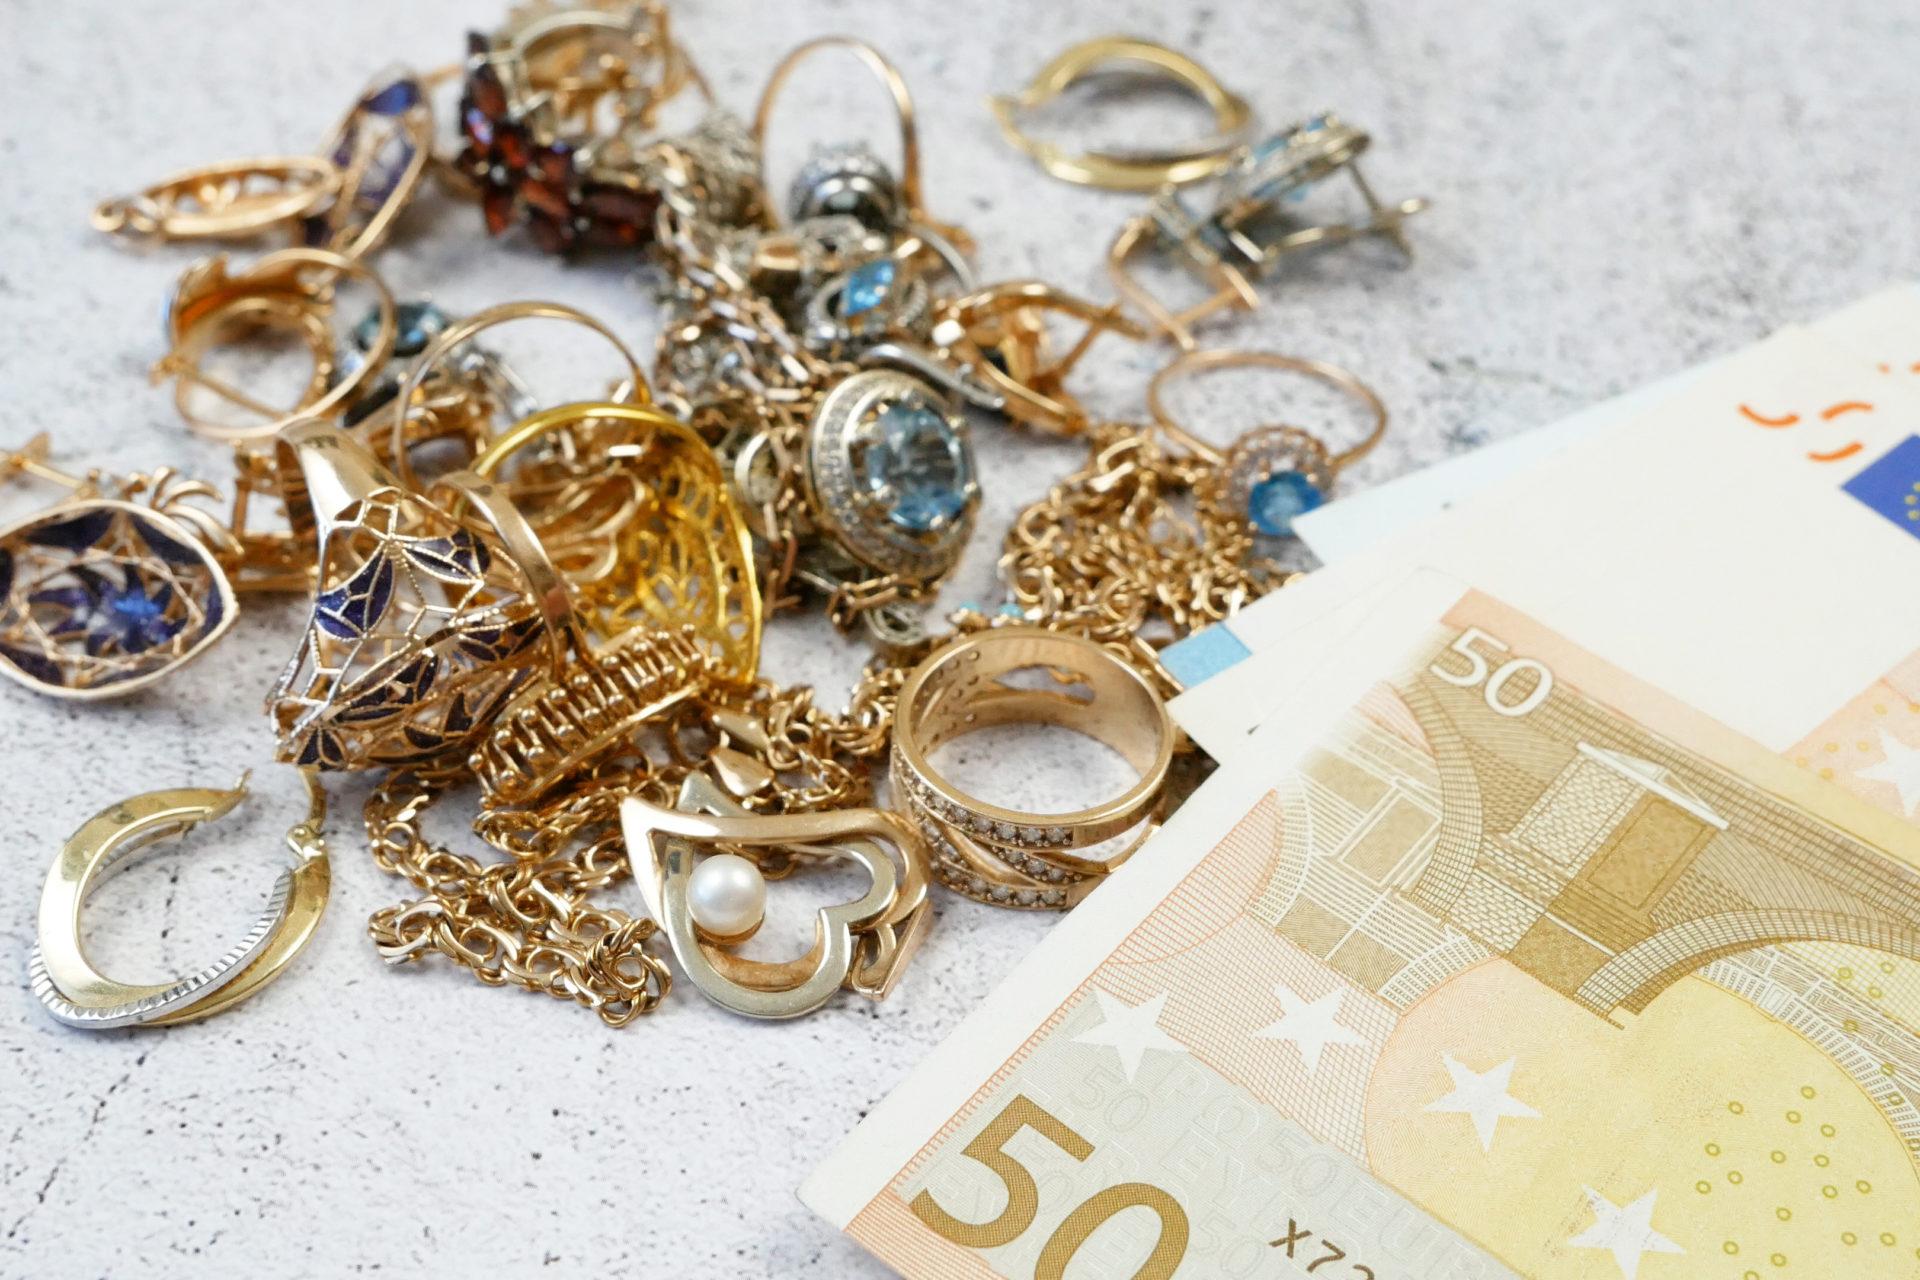 Altgold ankauf in köln, Bargeld für Schmuckankauf Goldankauf Aurax Edelmetallhandel GmbH